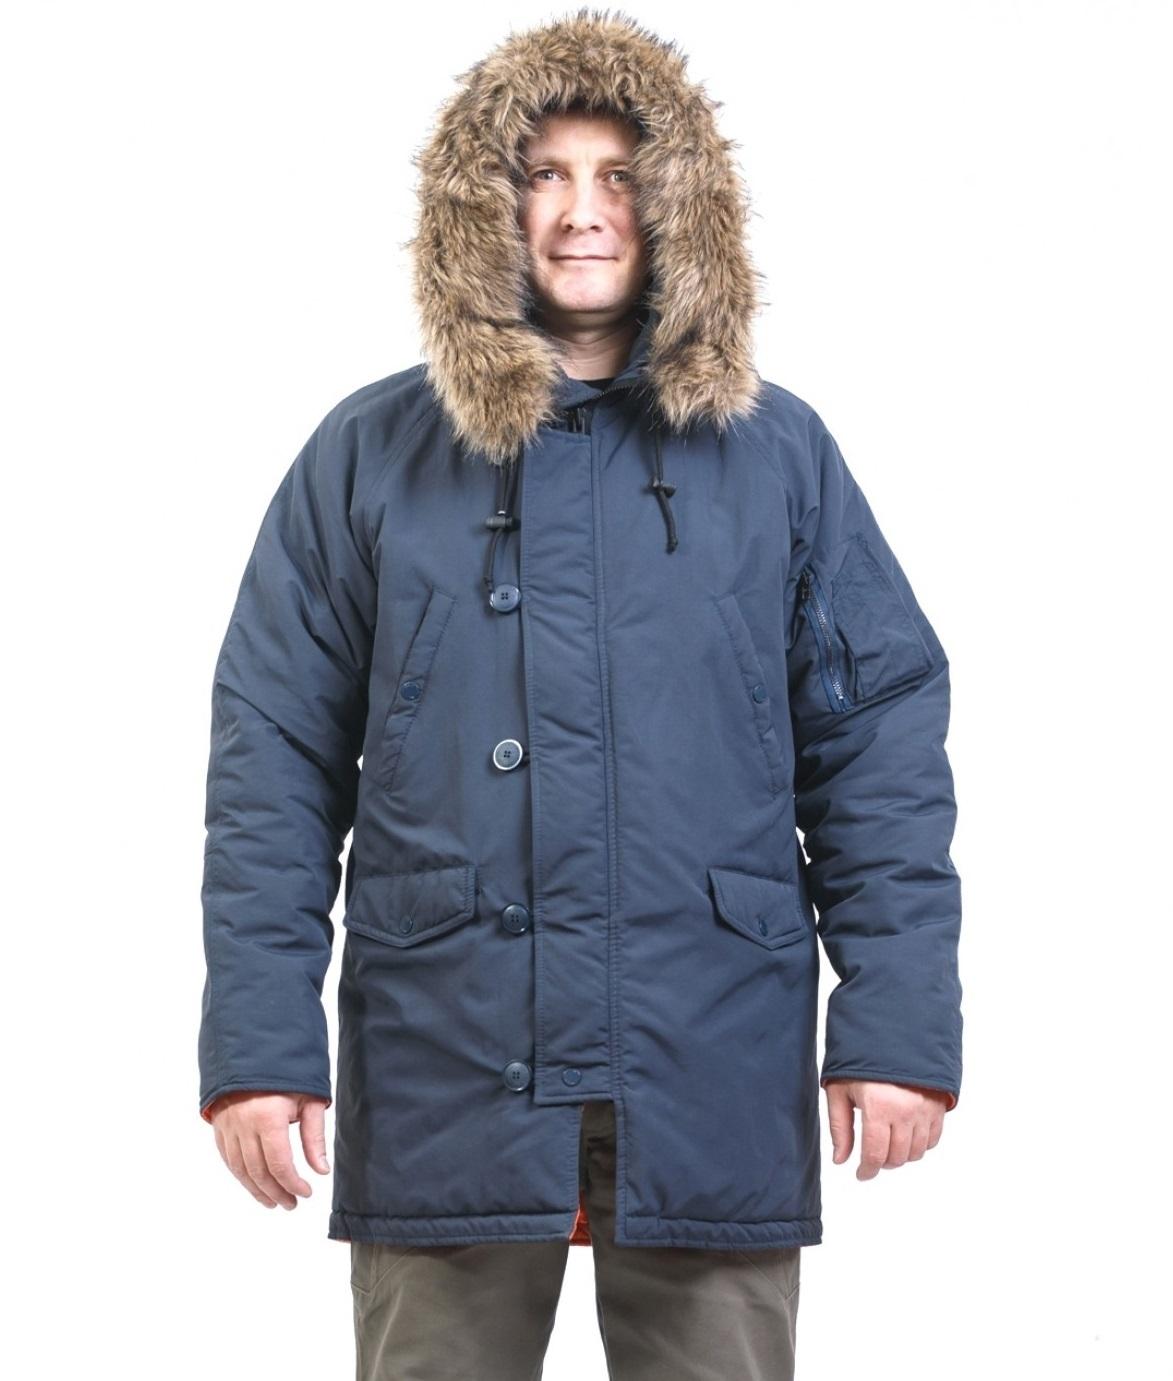 7de2b702ad9 Зимняя Куртка Парка «Аляска» синяя Купить В Розницу Дешево В ...